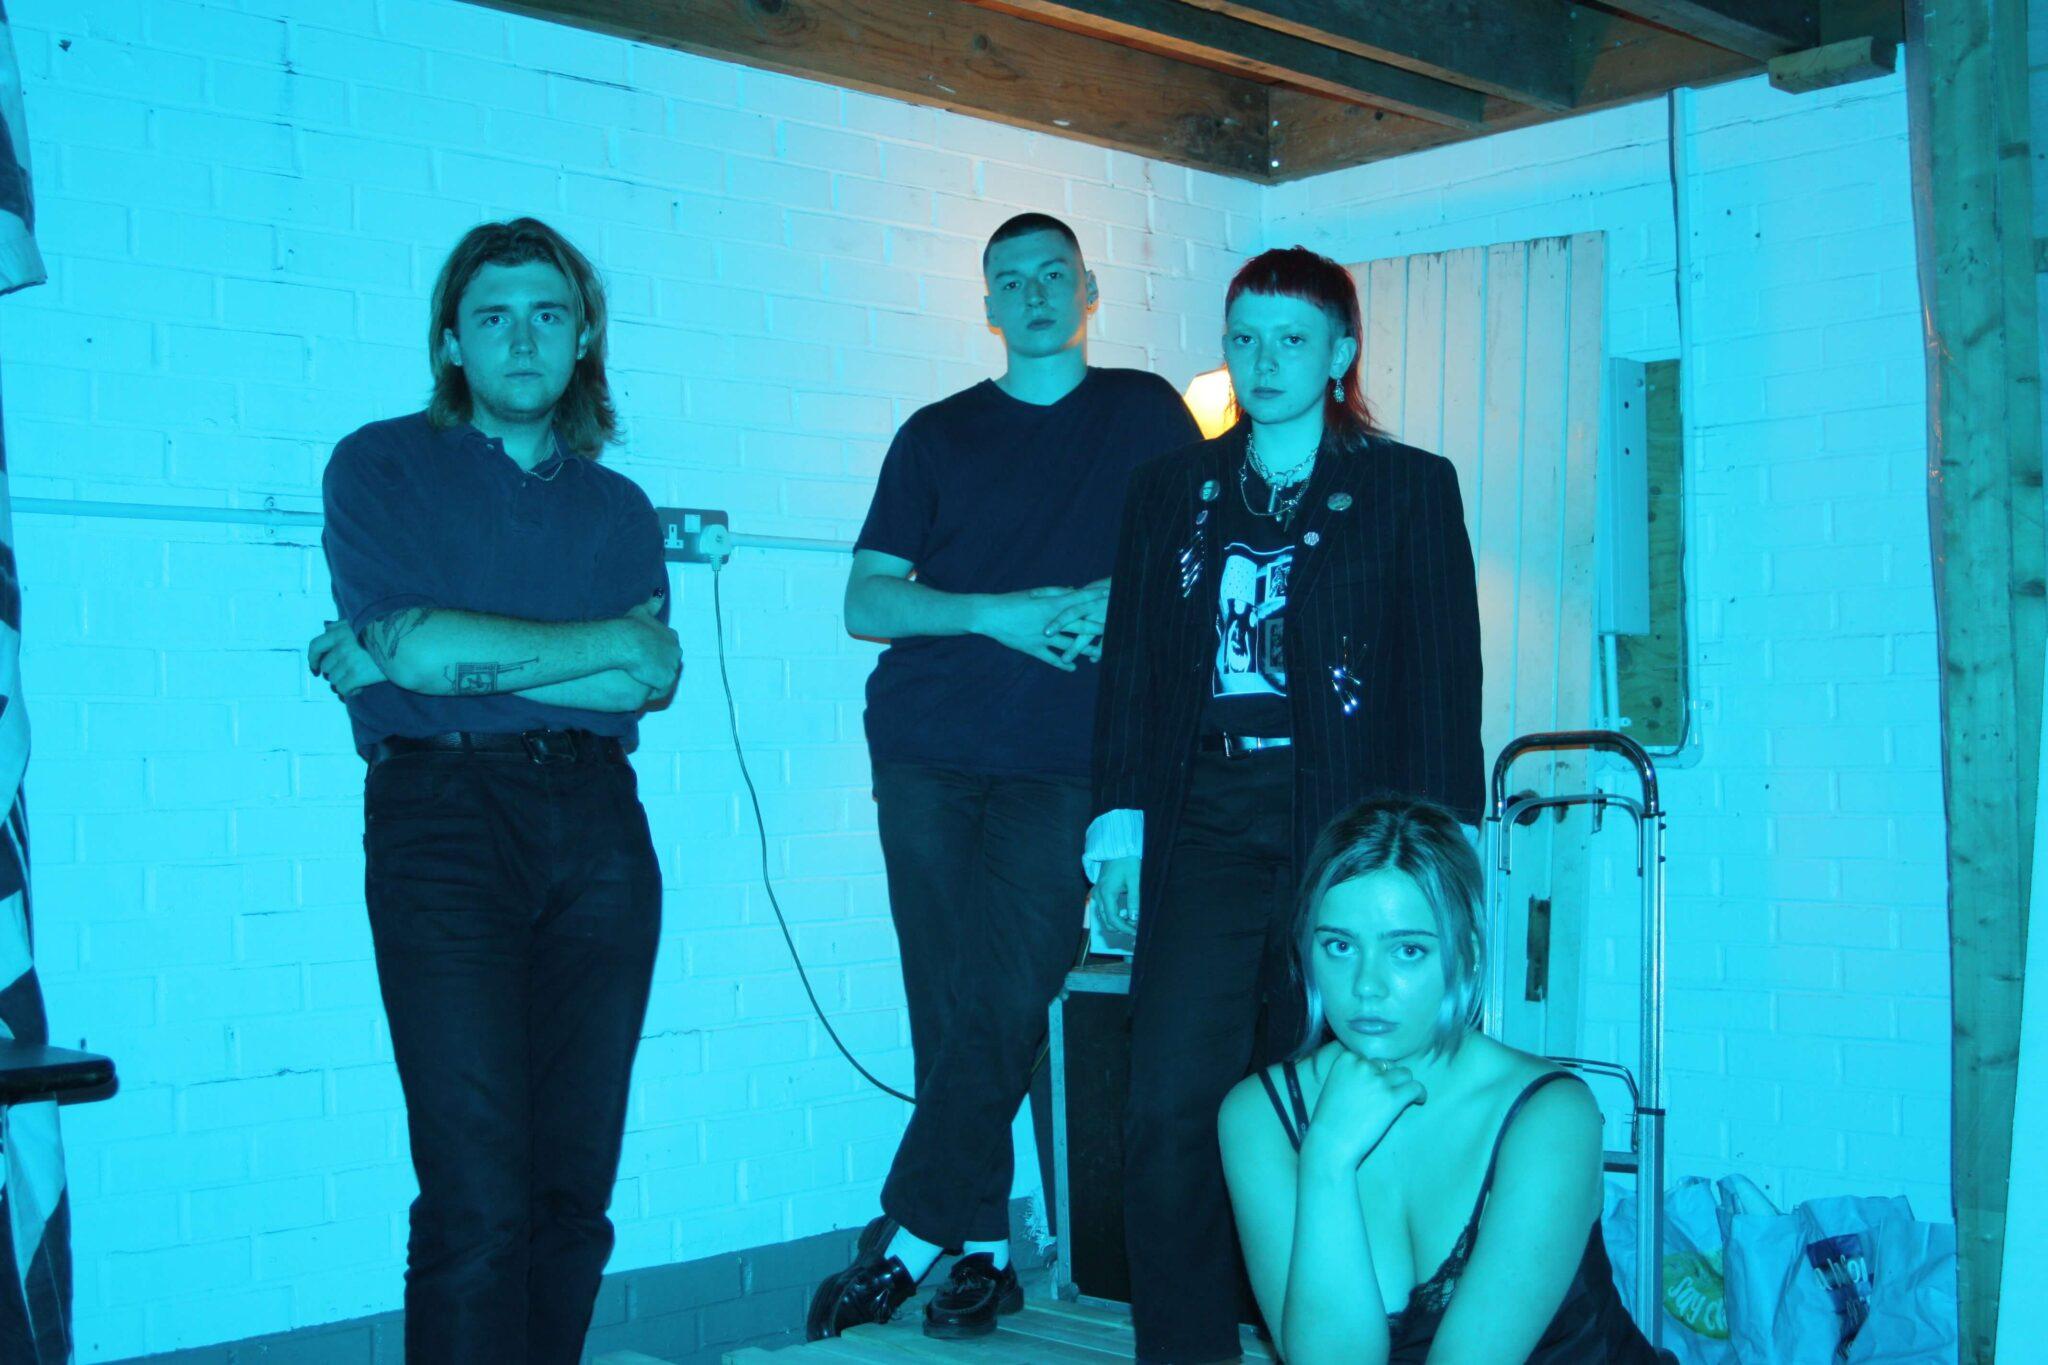 Lemondaze band photo - Underground band page